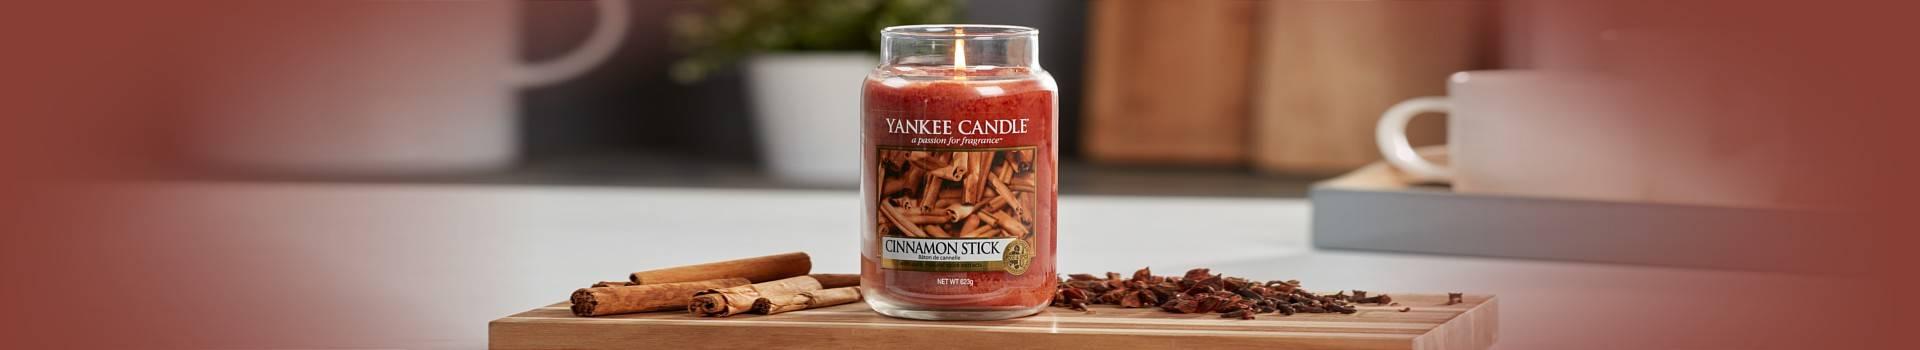 Sladki vonji & vonji začimb